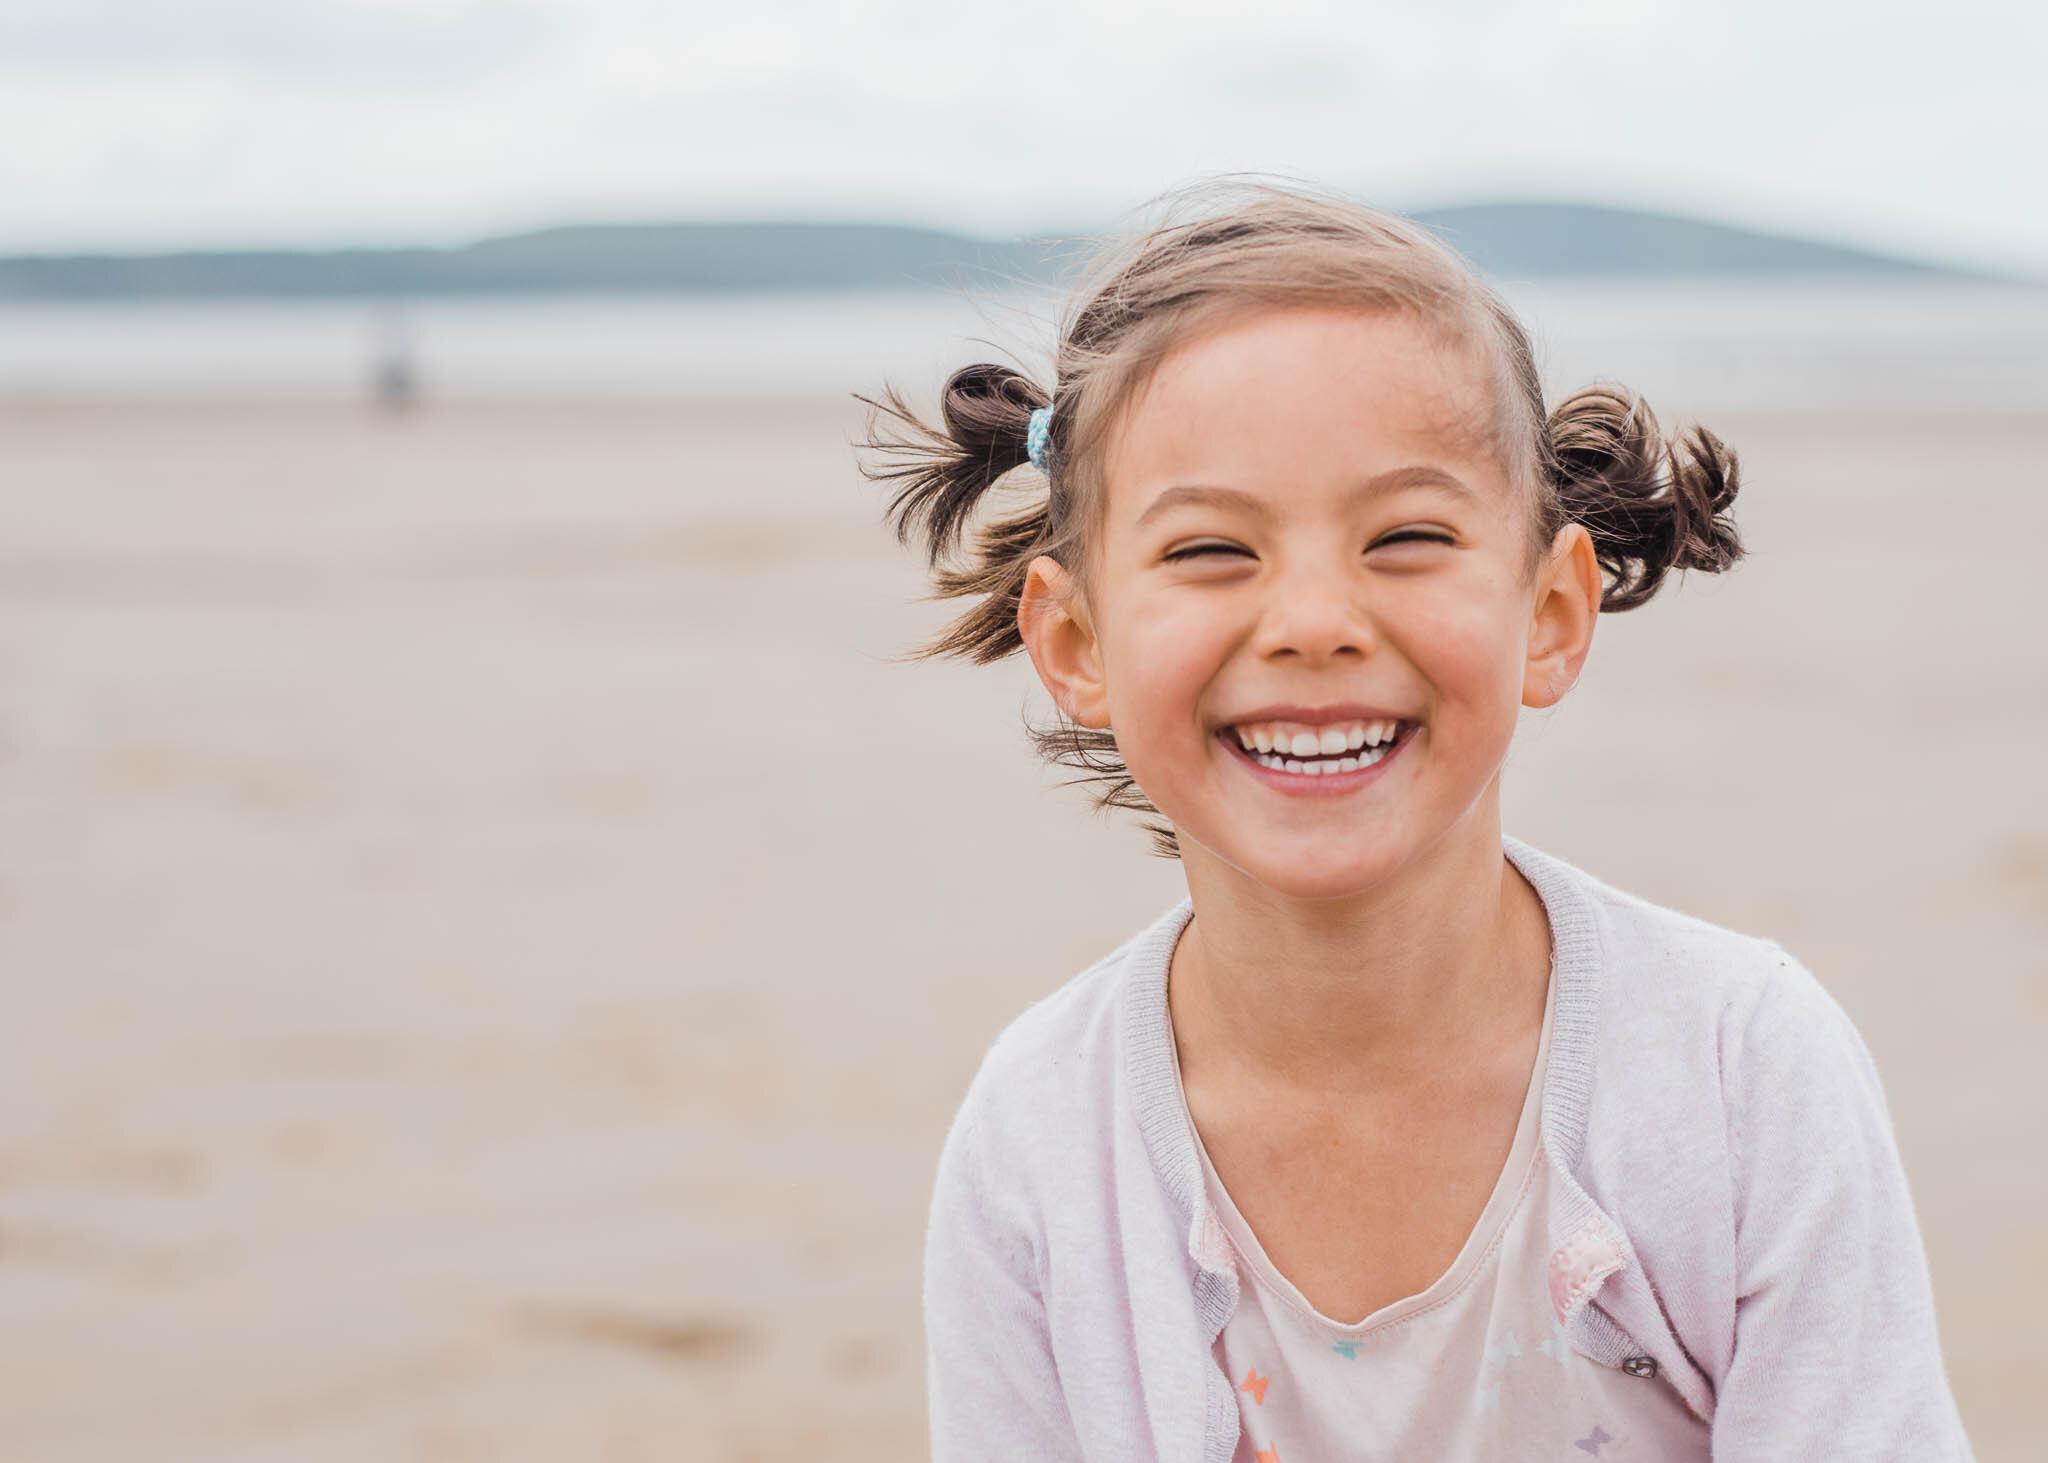 Girls-smiling-on-beach-8397.jpg